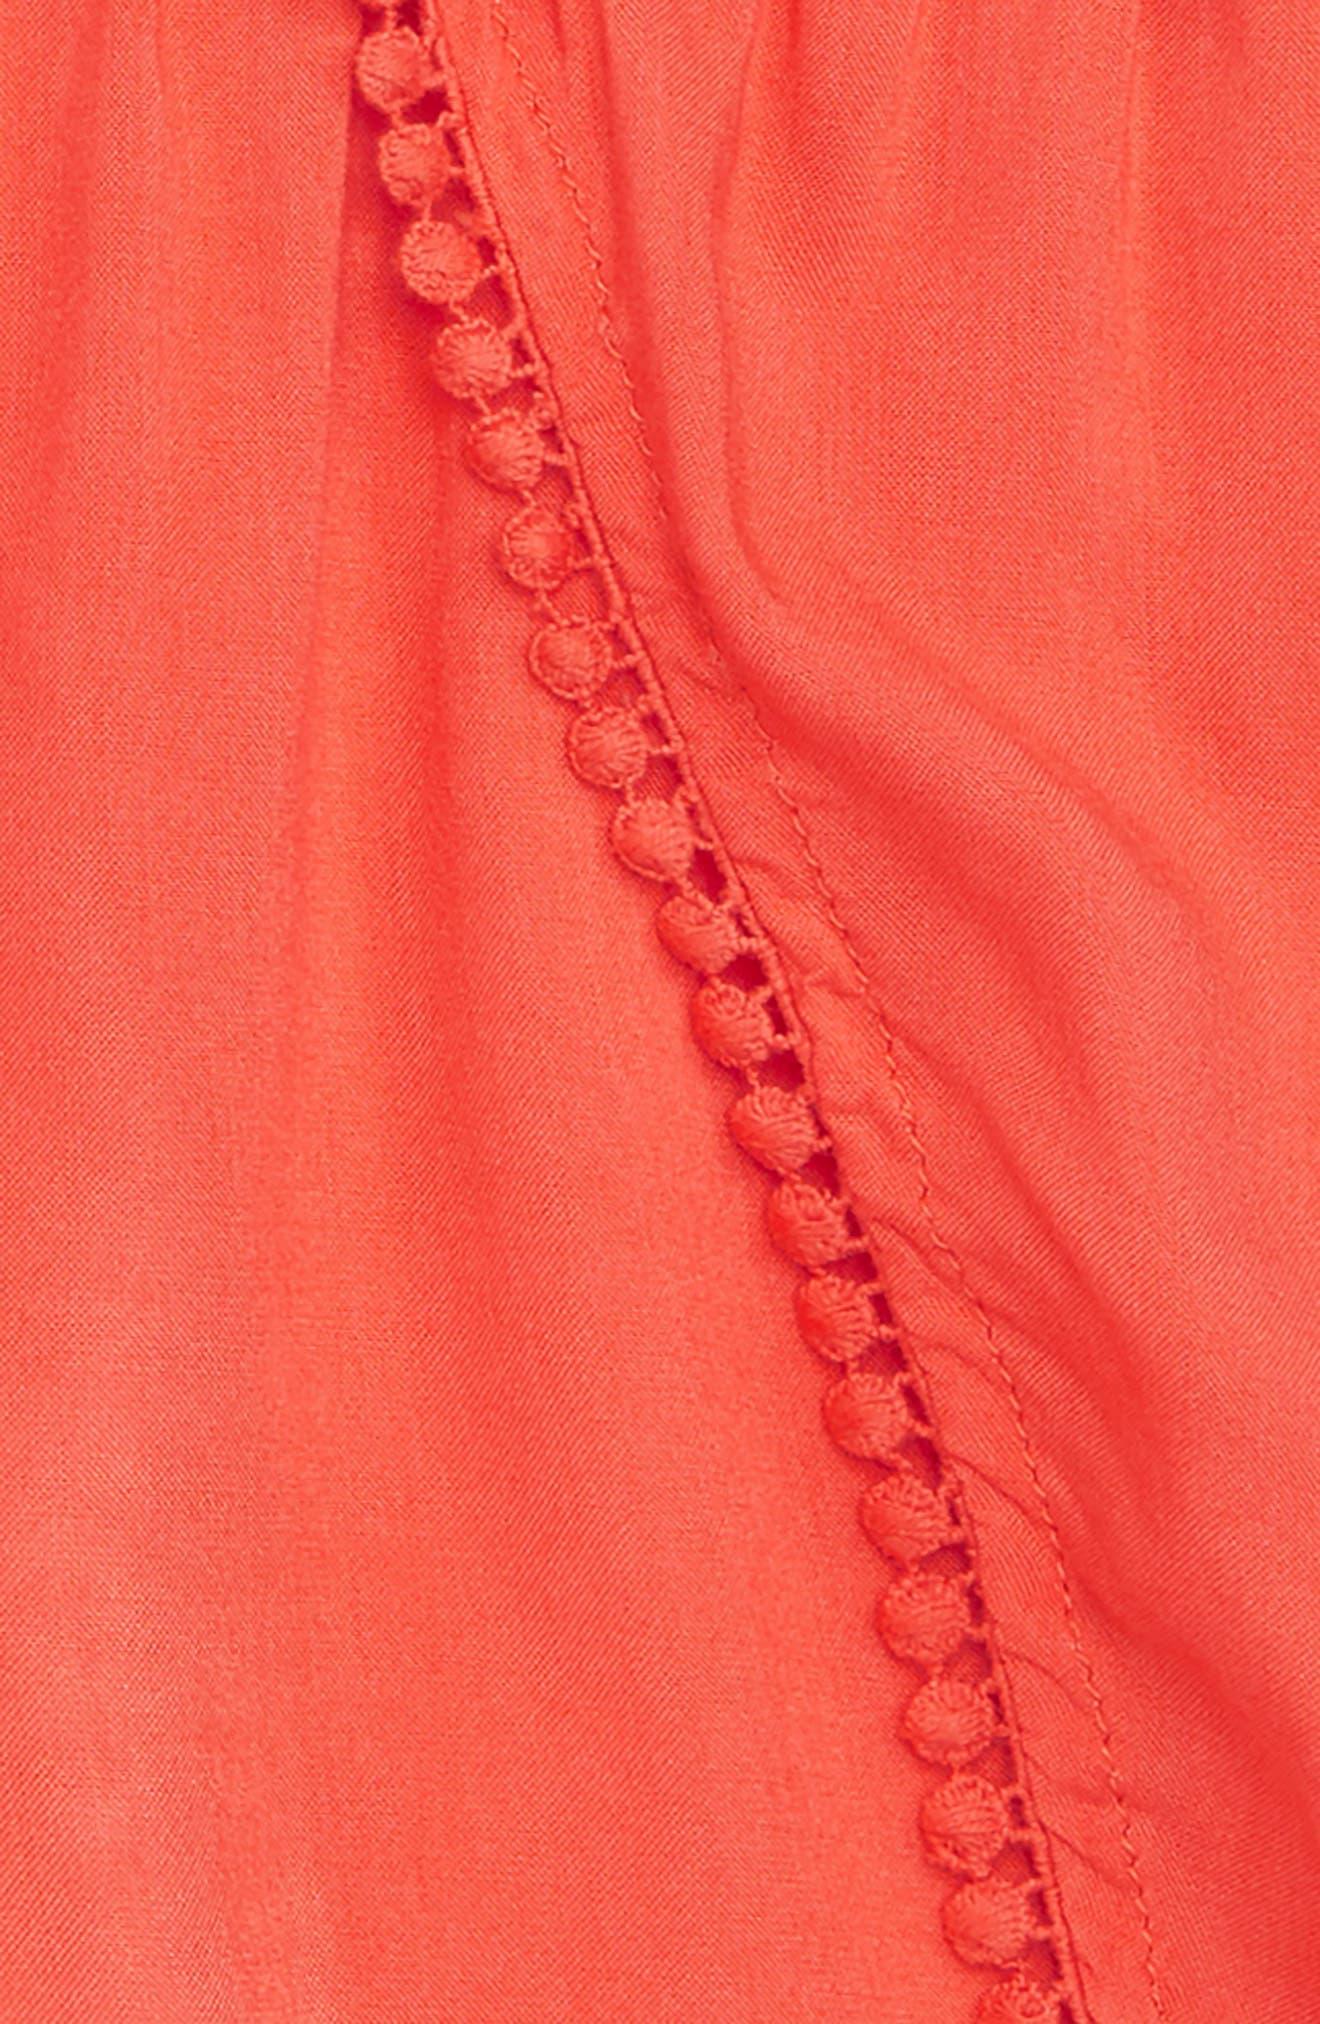 Petal Shorts,                             Alternate thumbnail 2, color,                             Coral Hot